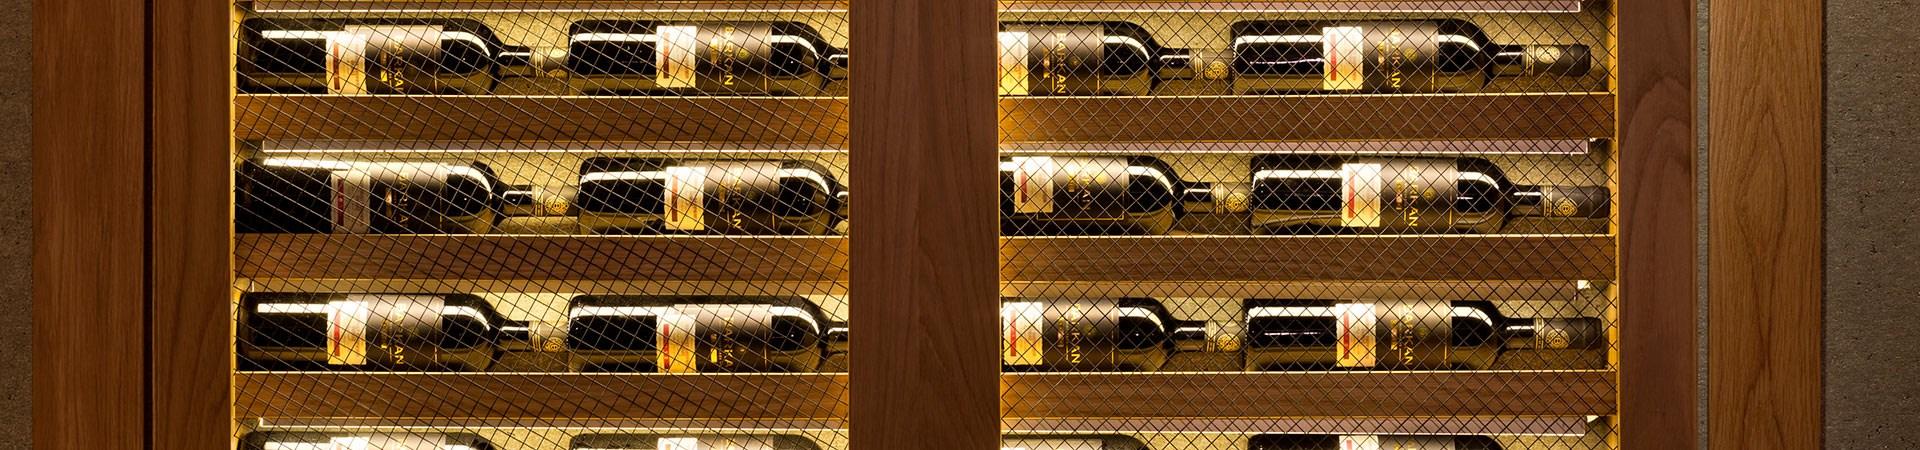 פרימה פארק בר יינות